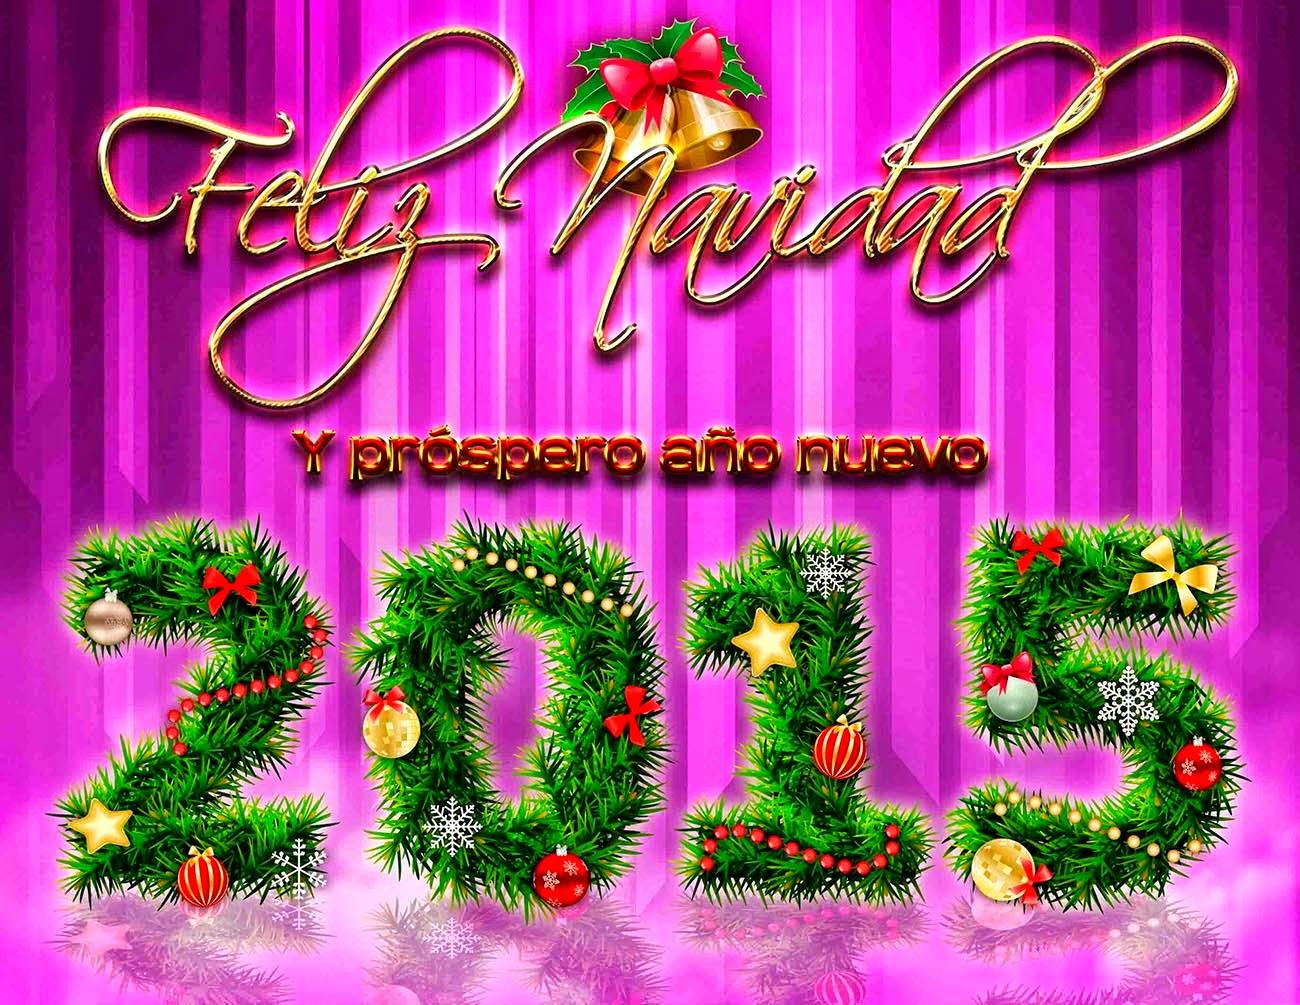 Descargar Felicitaciones De Navidad Y Ano Nuevo Gratis.Imagenes Animadas De Navidad Y Ano Nuevo Gratis